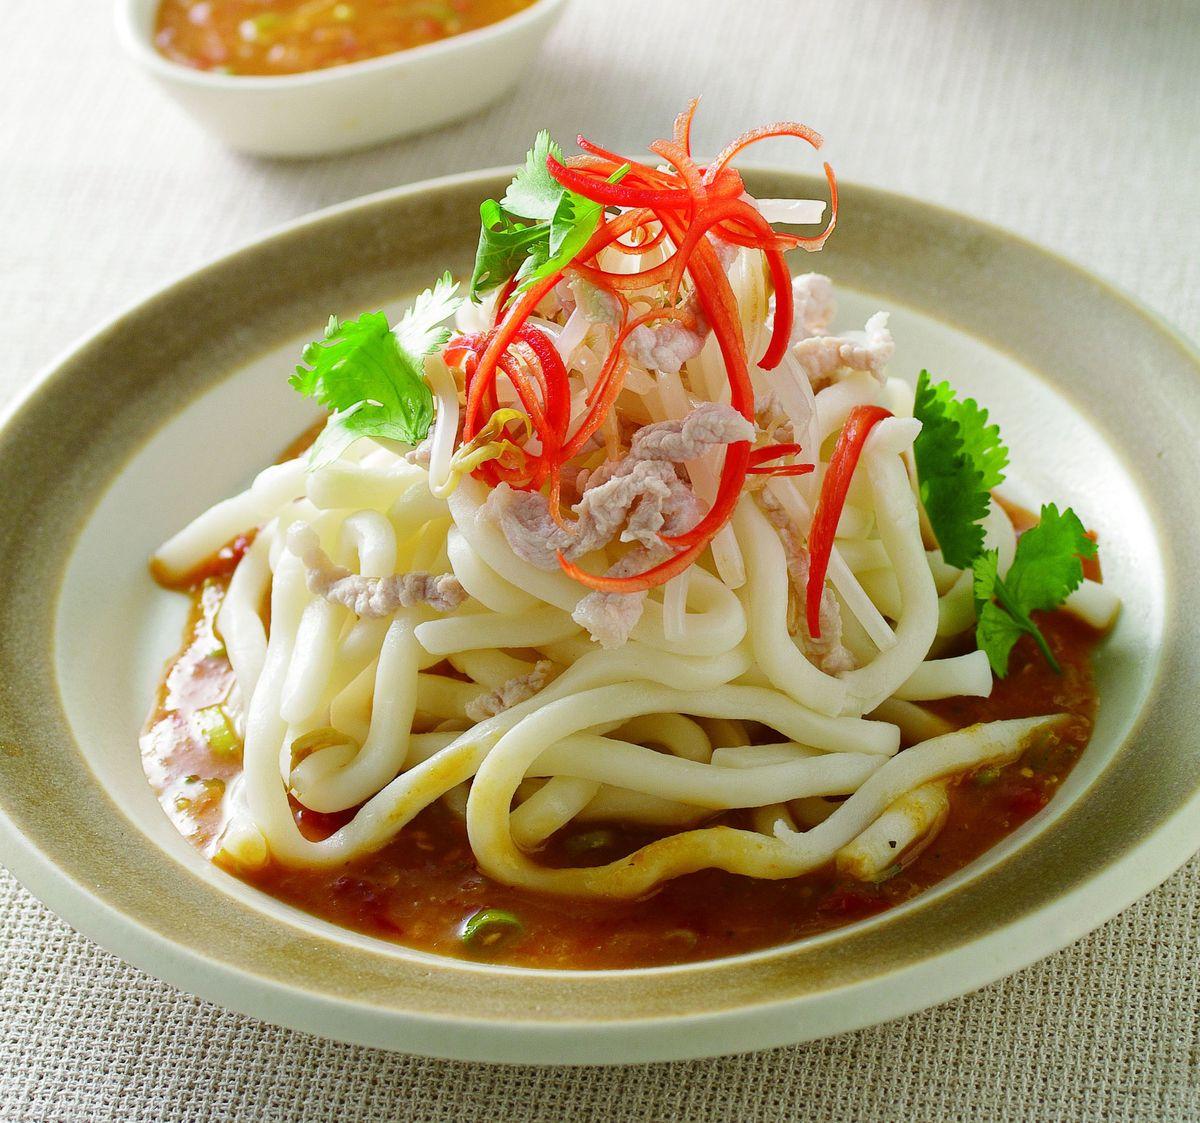 食譜:辣桔醬烏龍麵